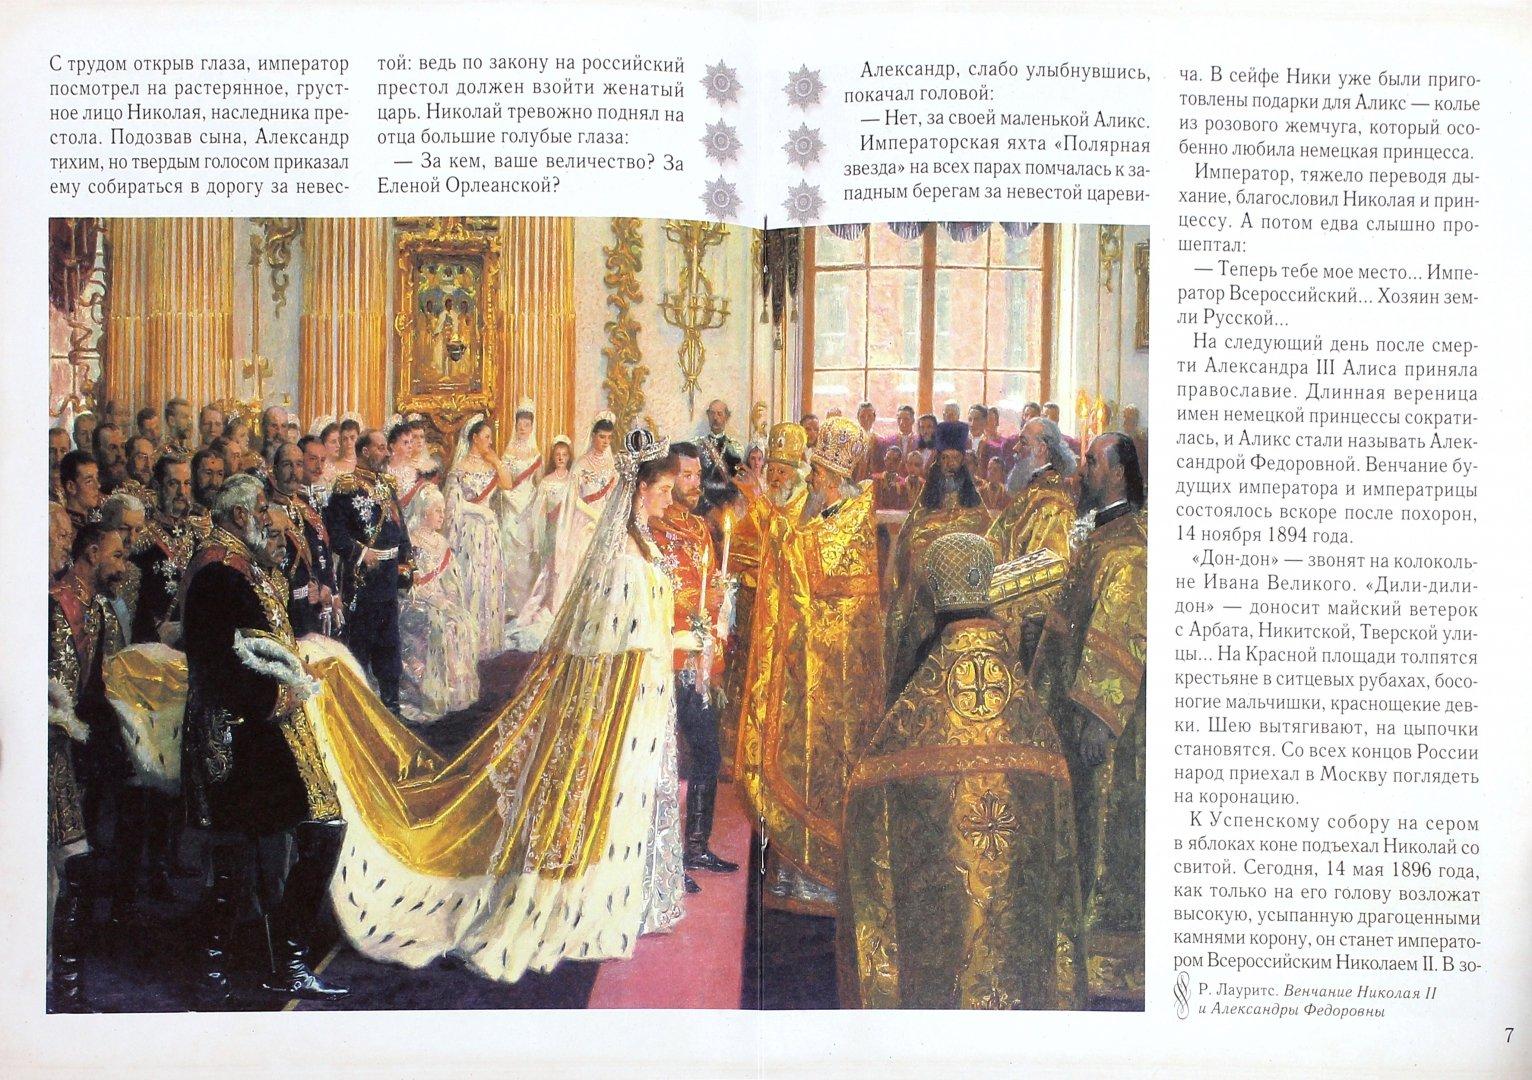 Иллюстрация 1 из 7 для Николай II - Мария Мартиросова | Лабиринт - книги. Источник: Лабиринт